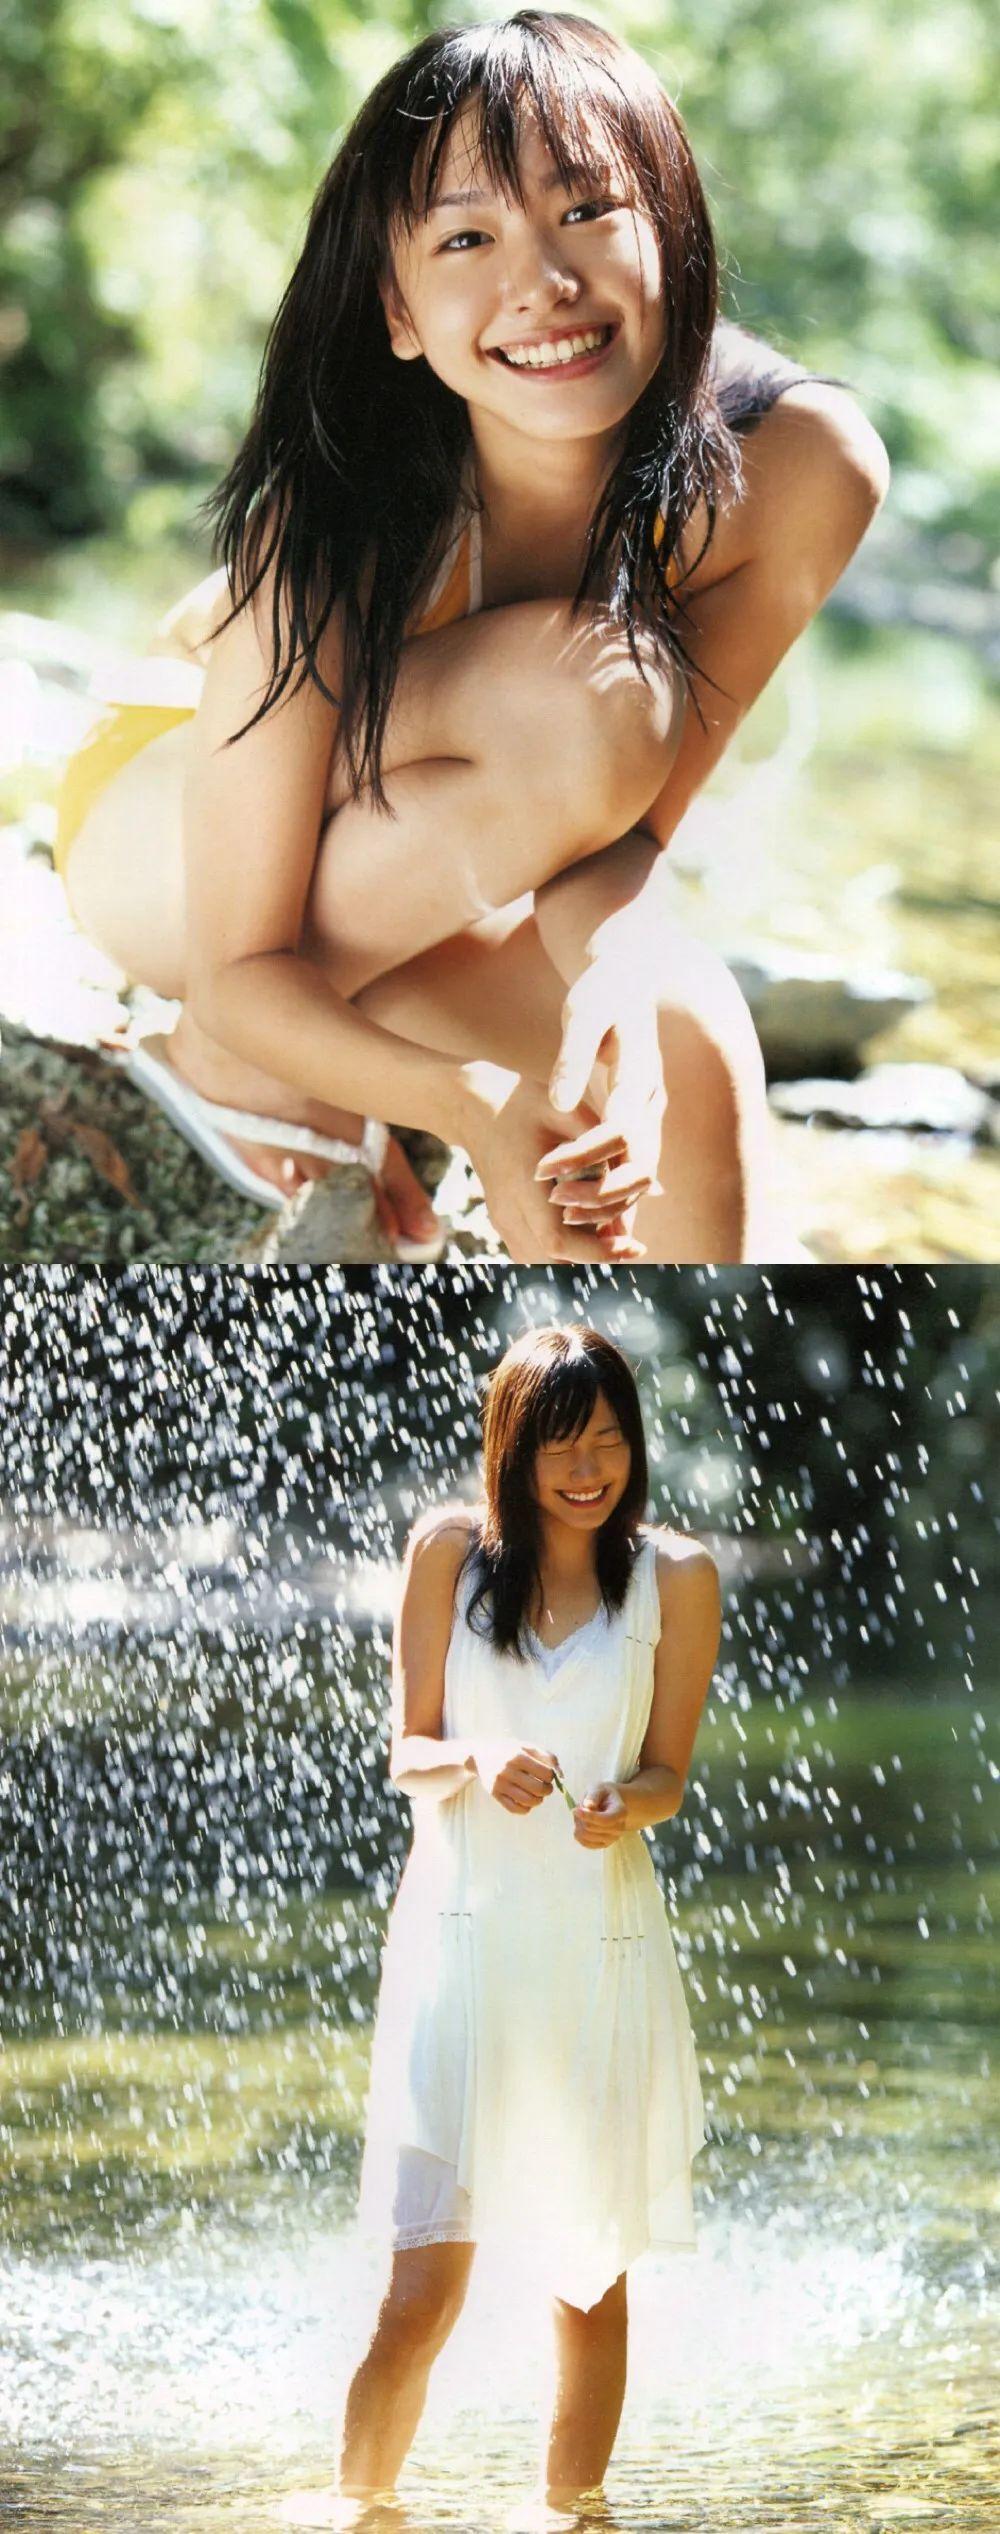 新垣结衣泳装写真集,《水漾青春17岁》_图片 No.9